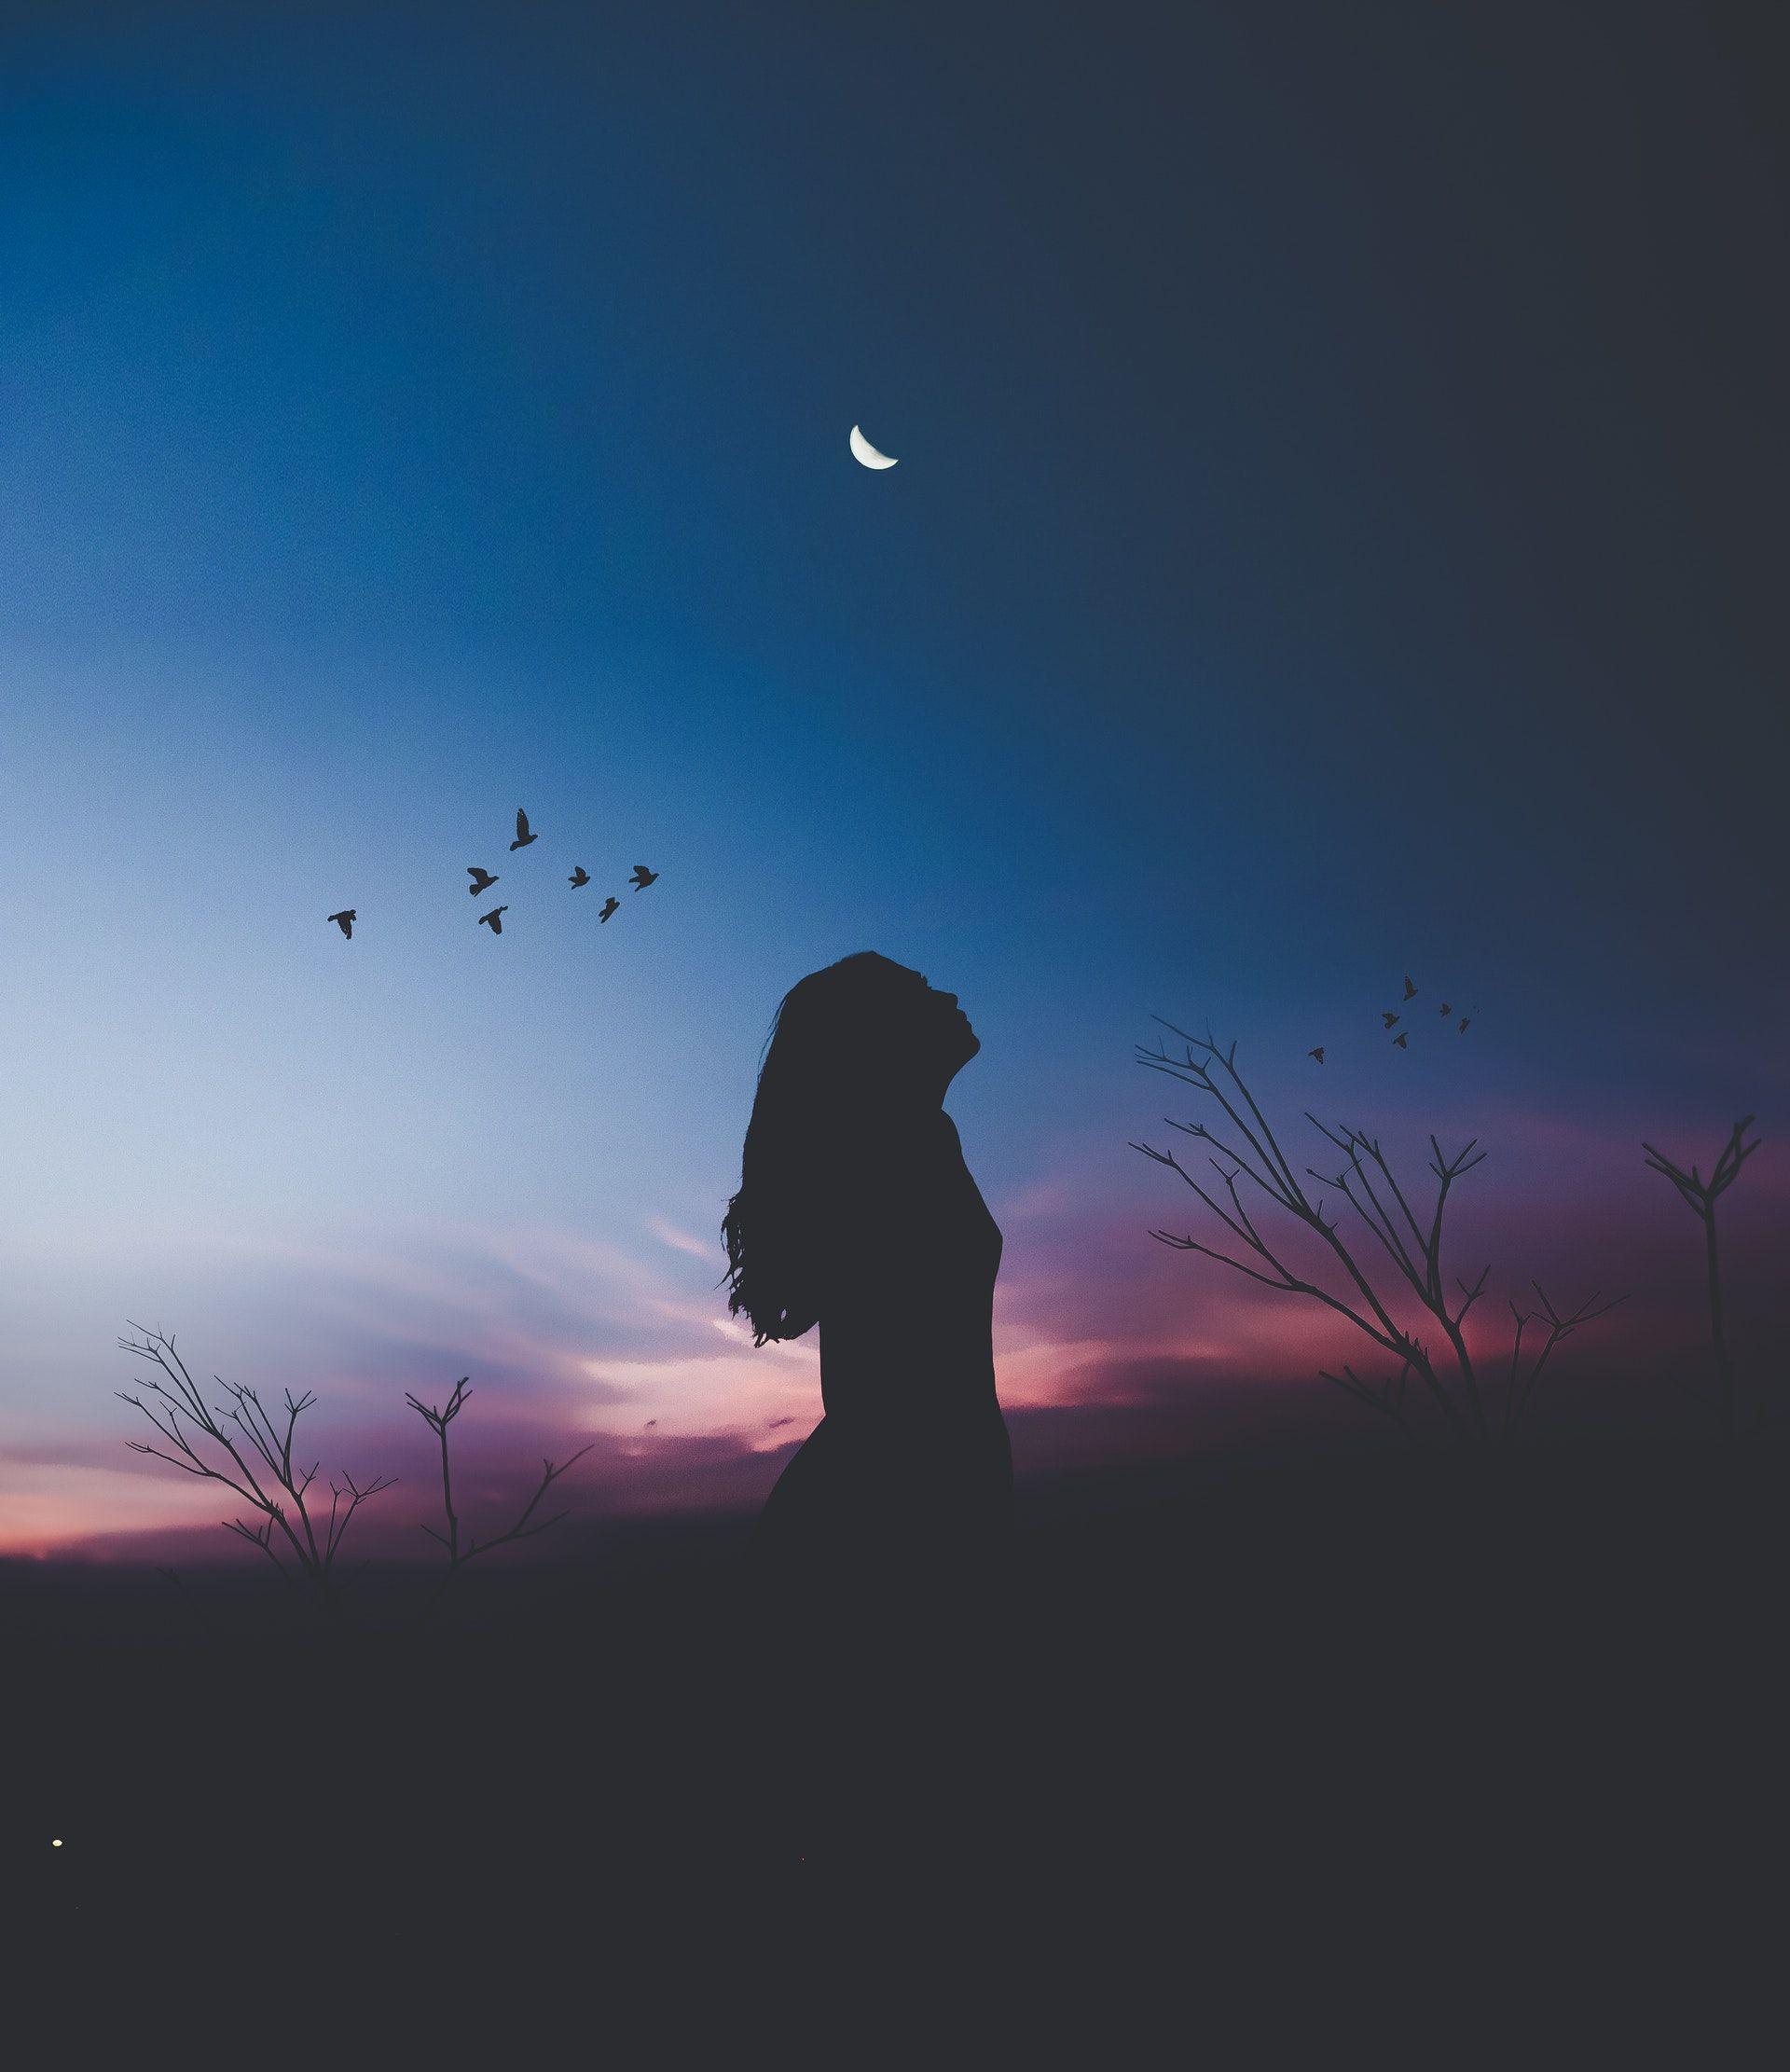 عکس زمینه زن ایستاده در تاریکی پس زمینه